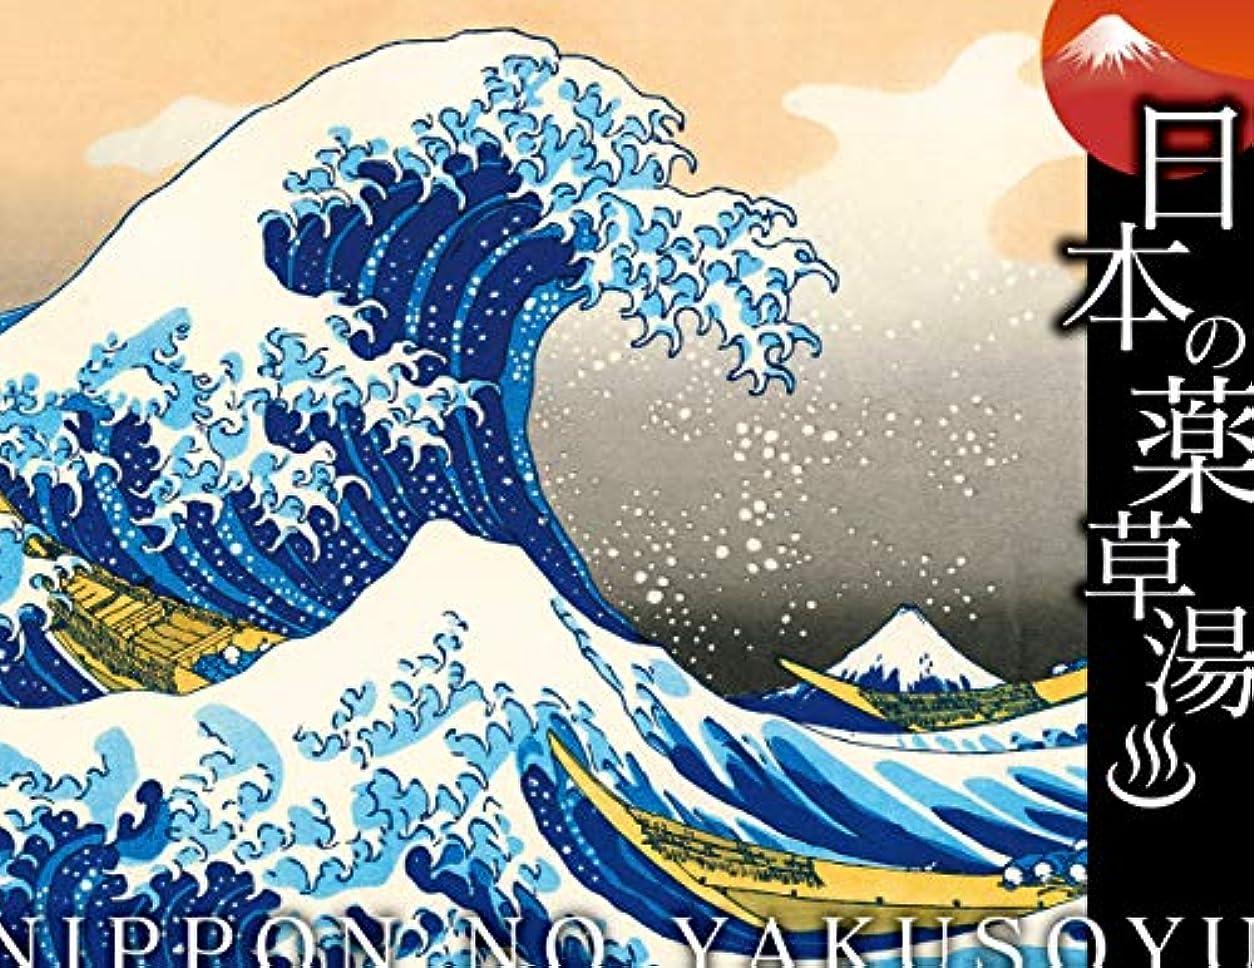 鎖差別偶然の日本の薬草湯 神奈川沖浪裏(富嶽三十六景)